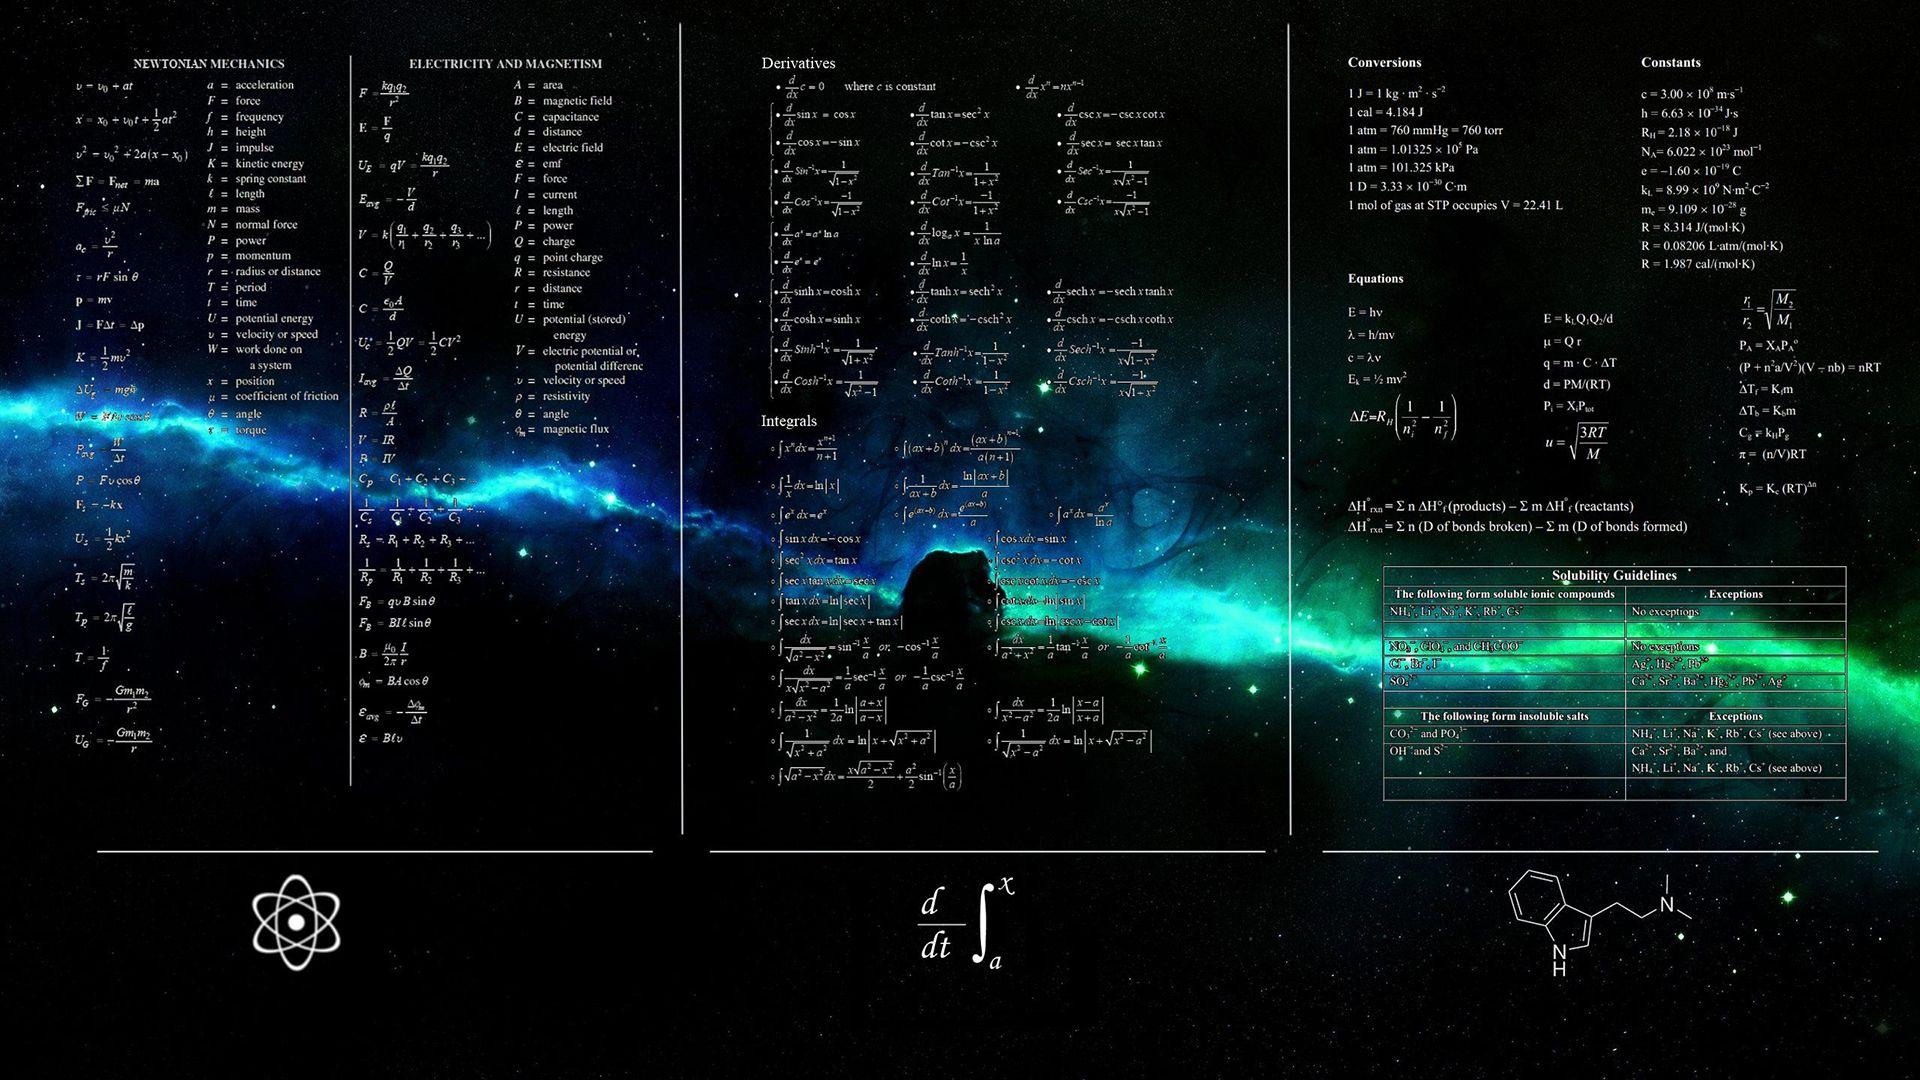 Good Wallpaper High Resolution Mathematics - 7df1ee8a28dc002cc4499b8cfc86d32d  Photograph_402248.jpg